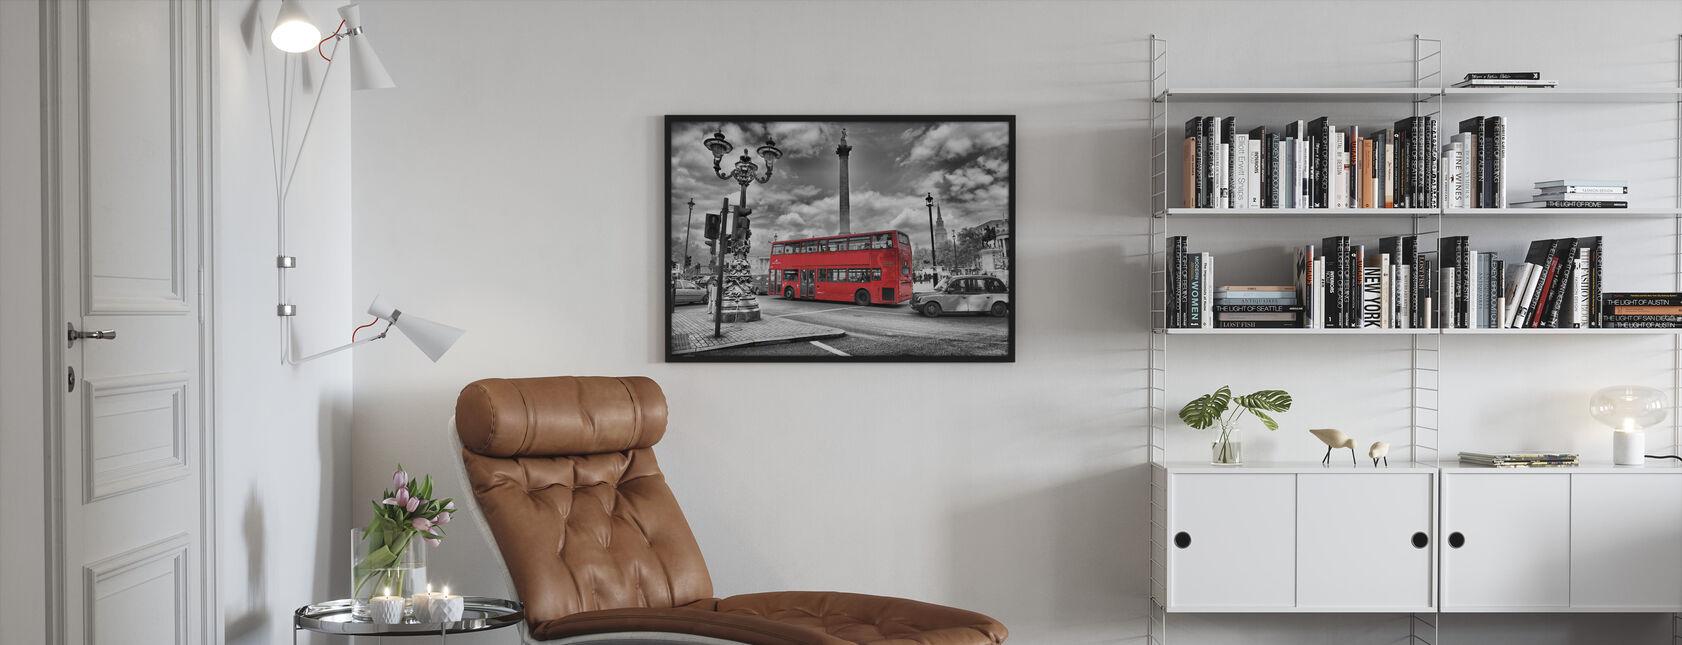 London Bus - Colorsplash - Framed print - Living Room